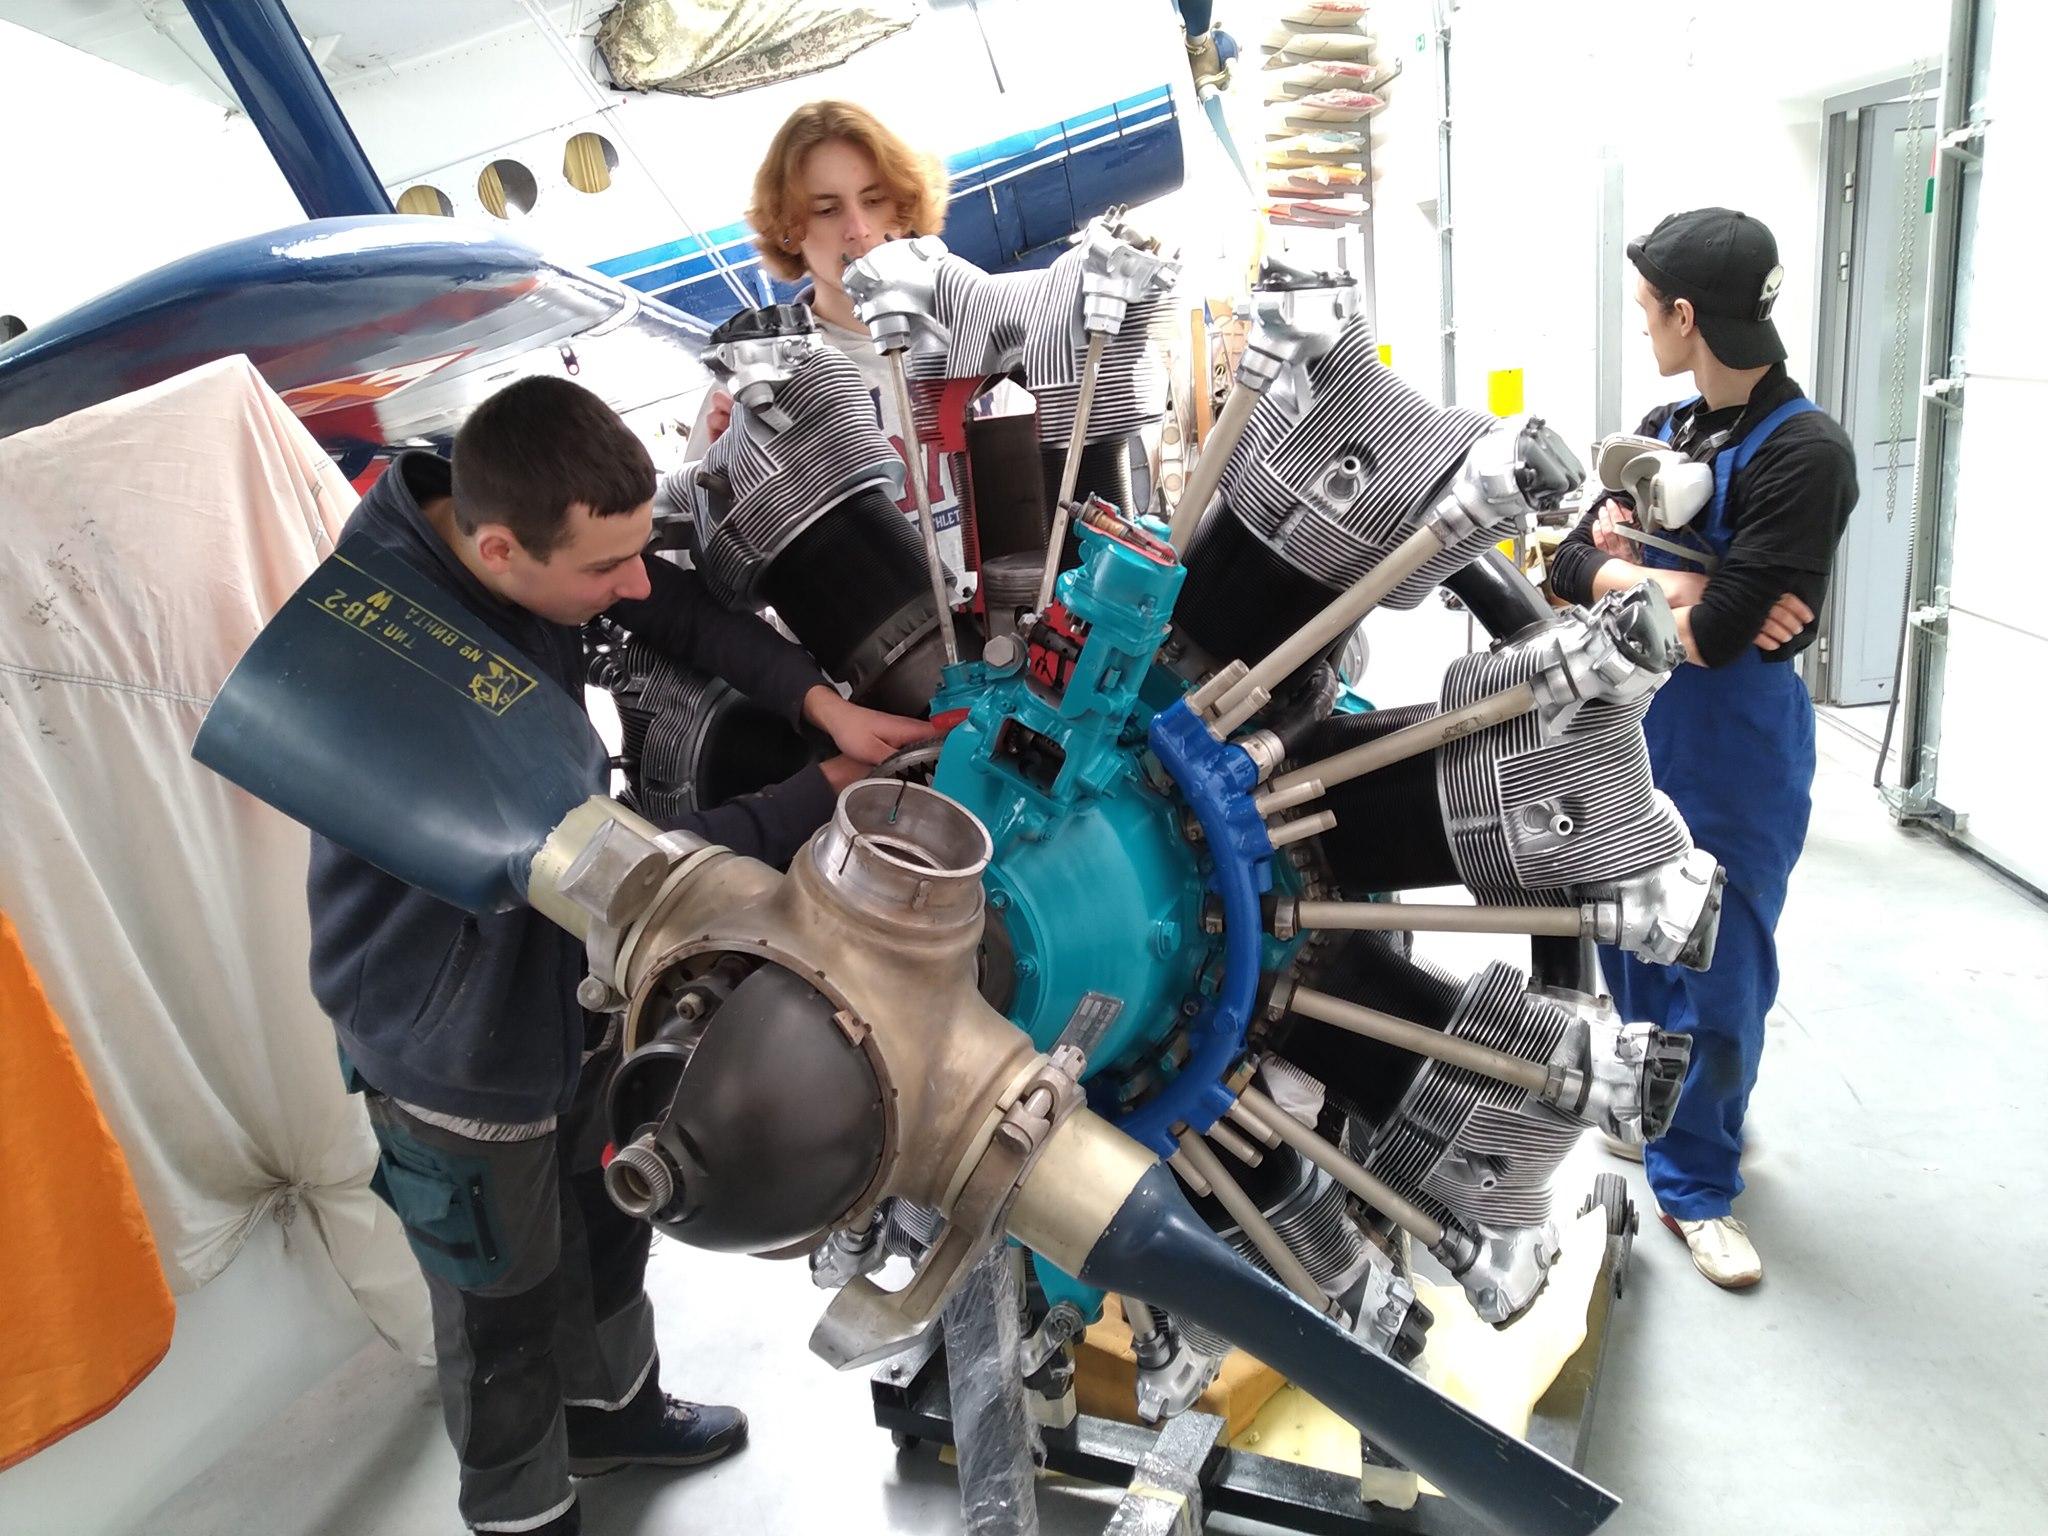 Młodzież odrestaurowała najpopularniejszy silnik w Mielcu [ZDJĘCIA] - Zdjęcie główne